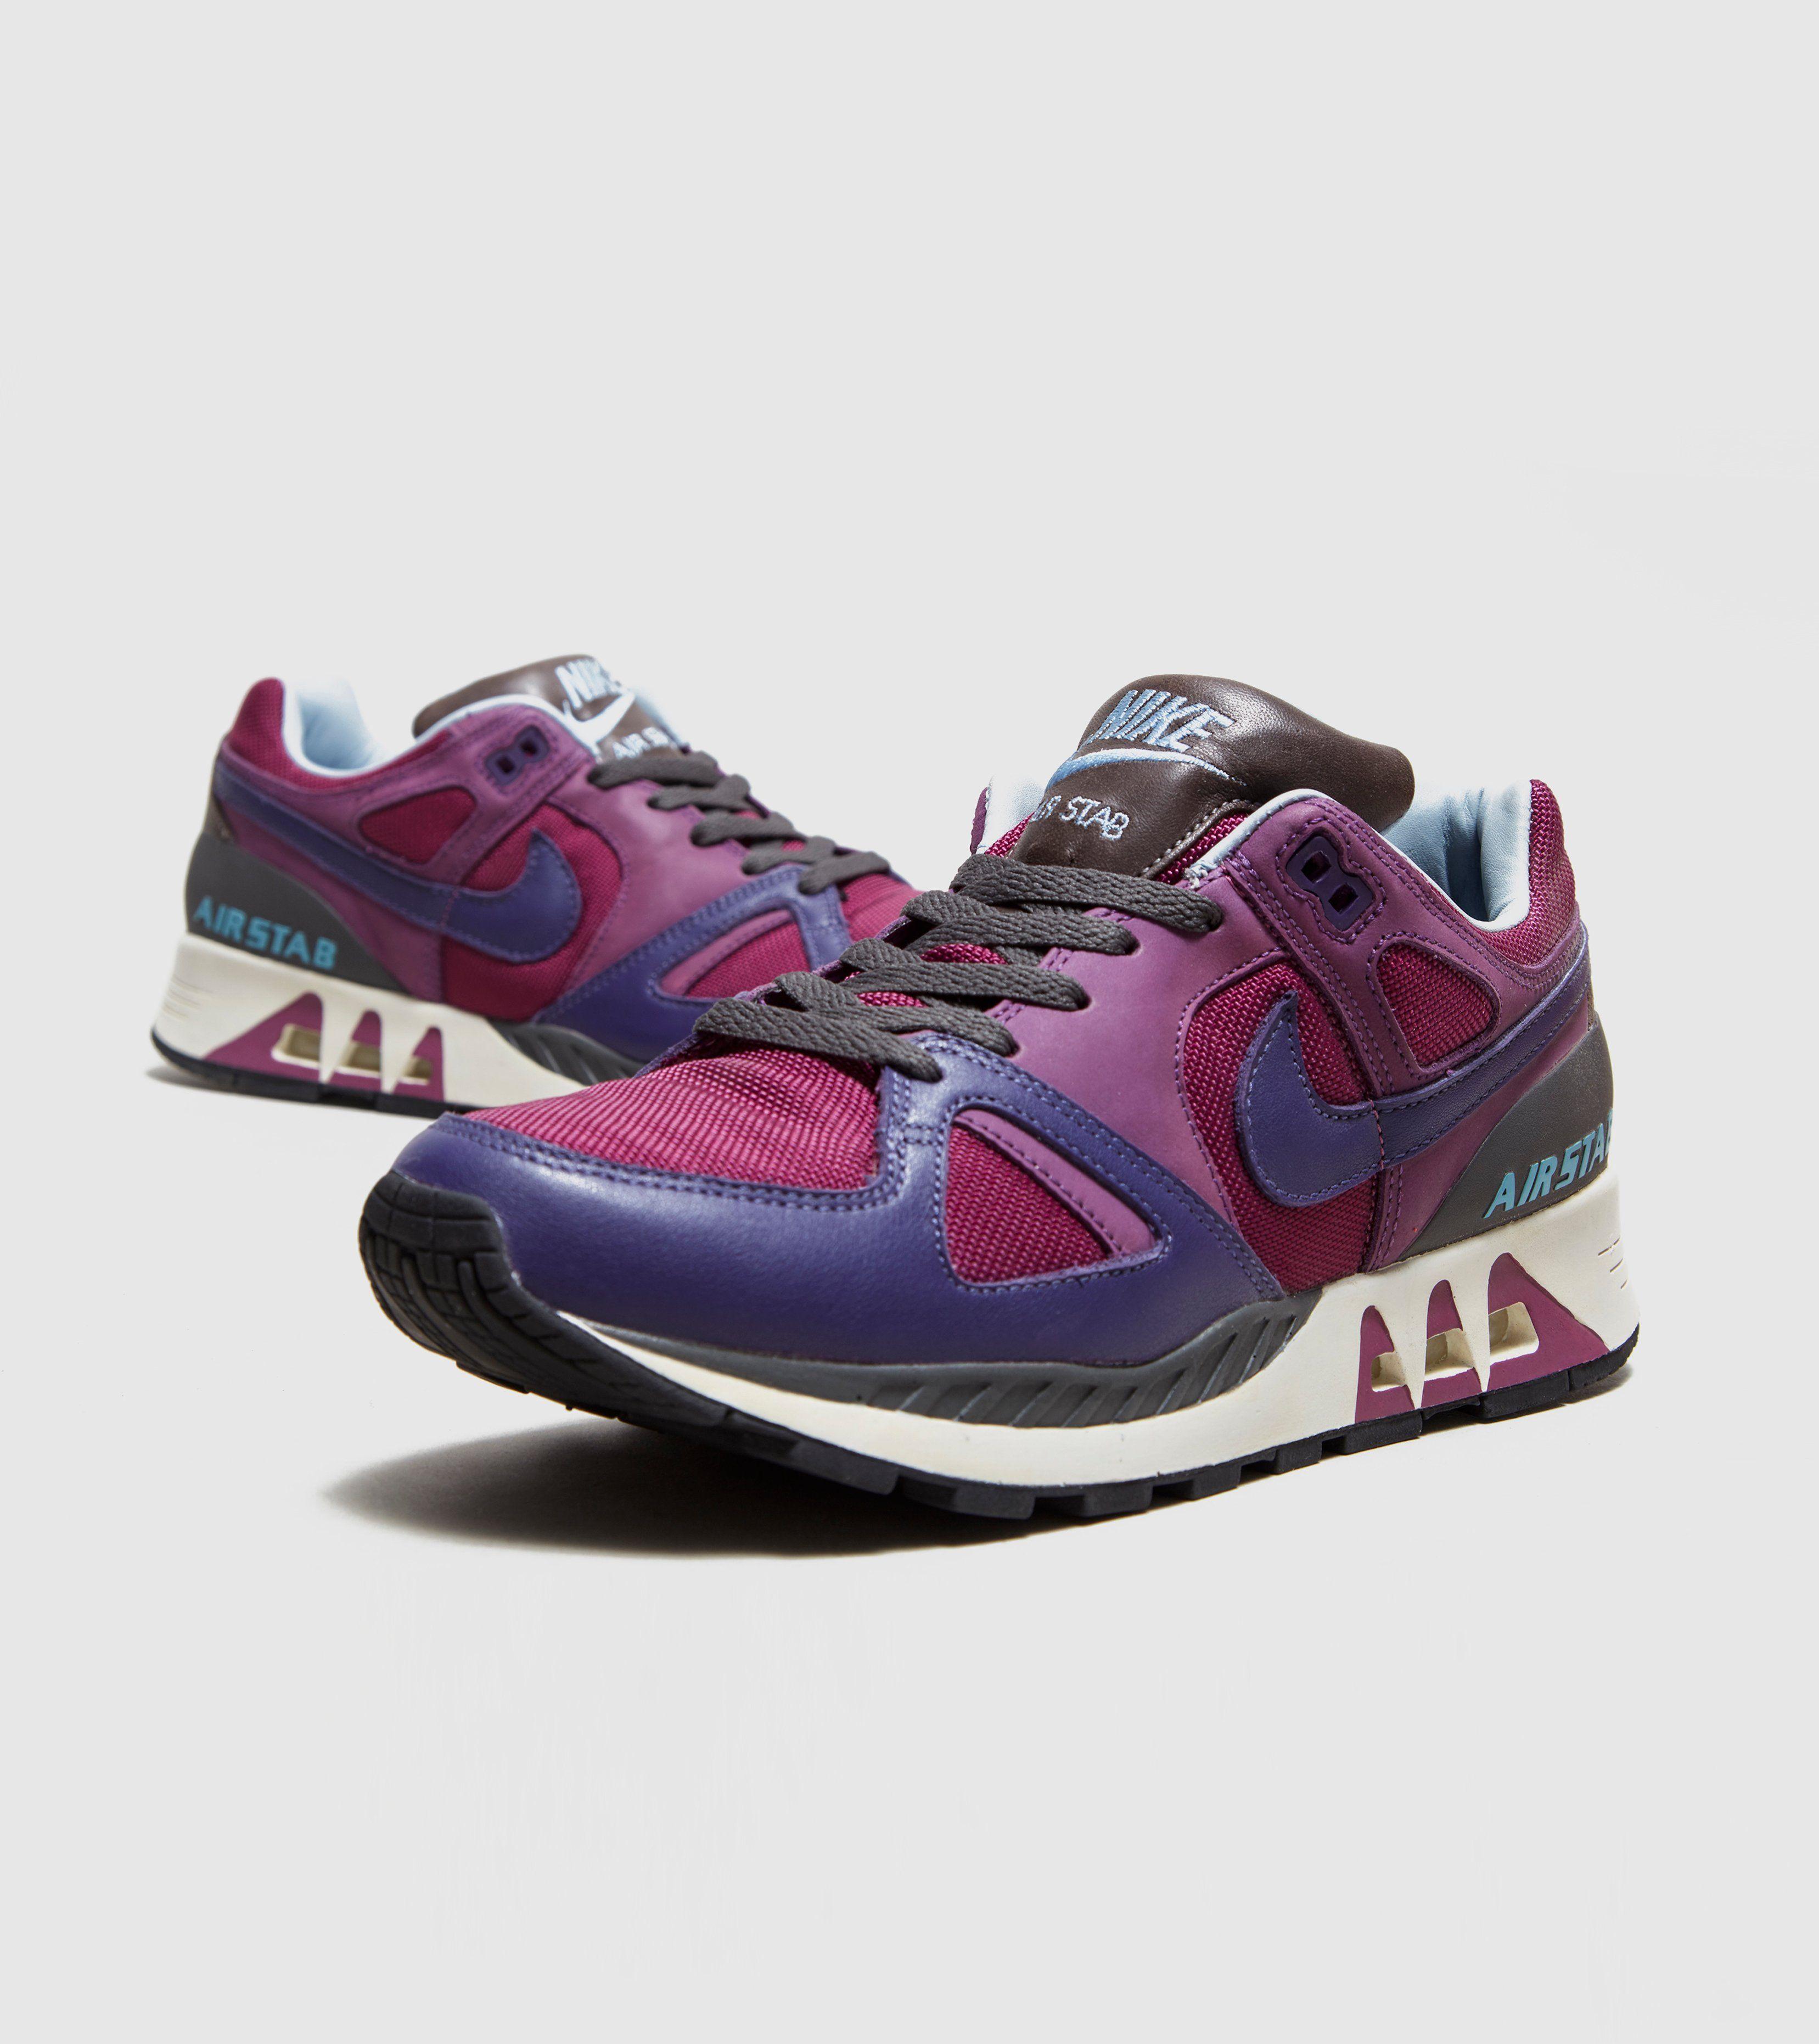 428482e705ad6 Nike Air Stab Premium | Size?